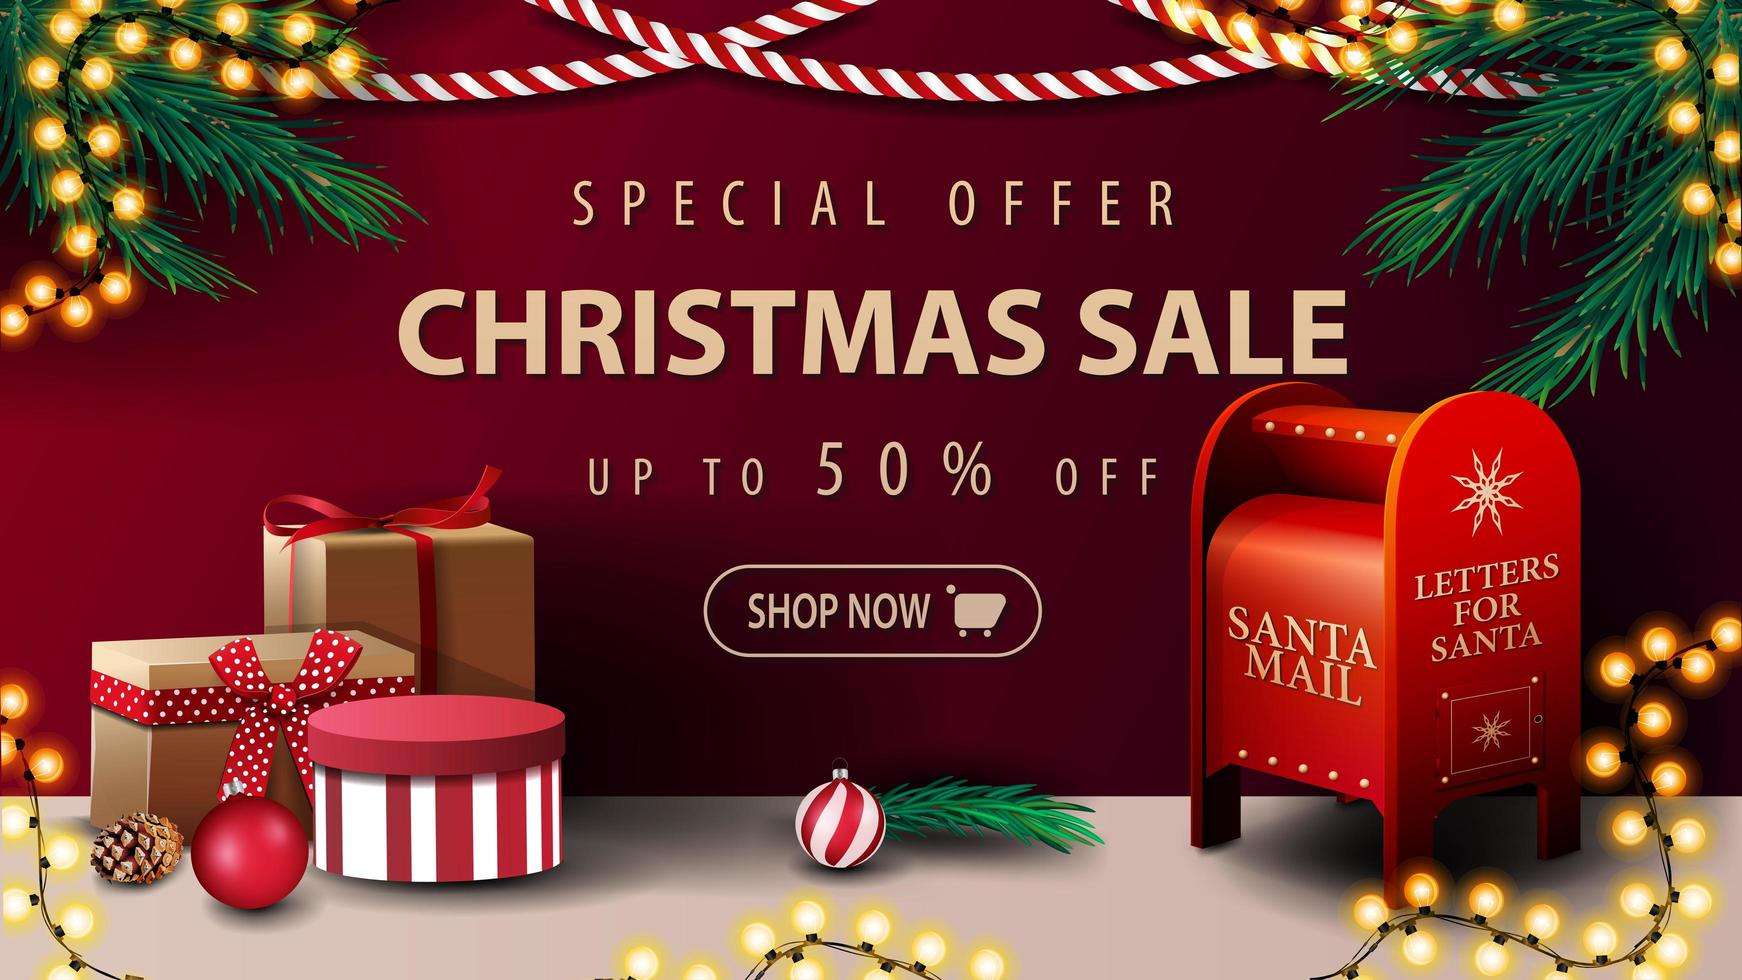 offre spéciale, vente de Noël, jusqu'à 50 rabais, bannière découragée avec guirlandes et boîte aux lettres du père Noël avec des cadeaux vecteur